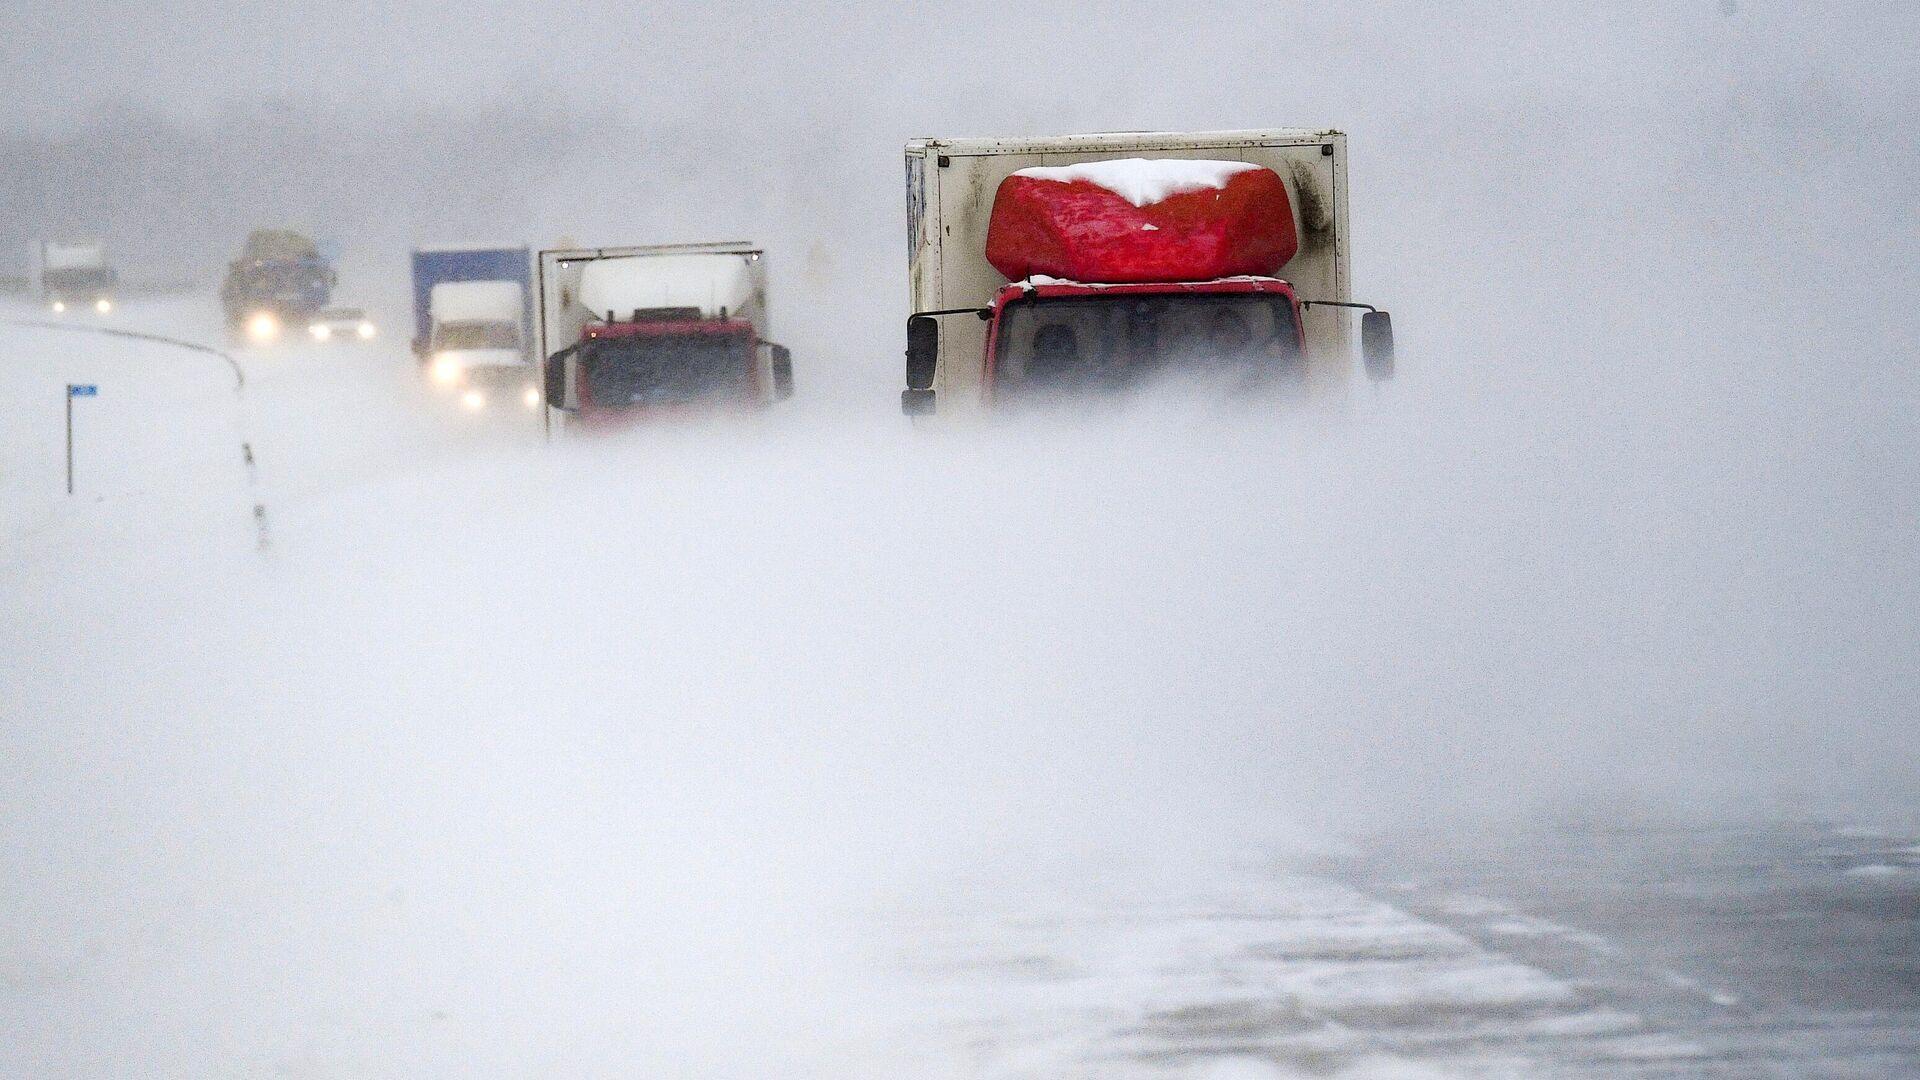 Автомобили едут в метель по трассе - РИА Новости, 1920, 02.03.2020